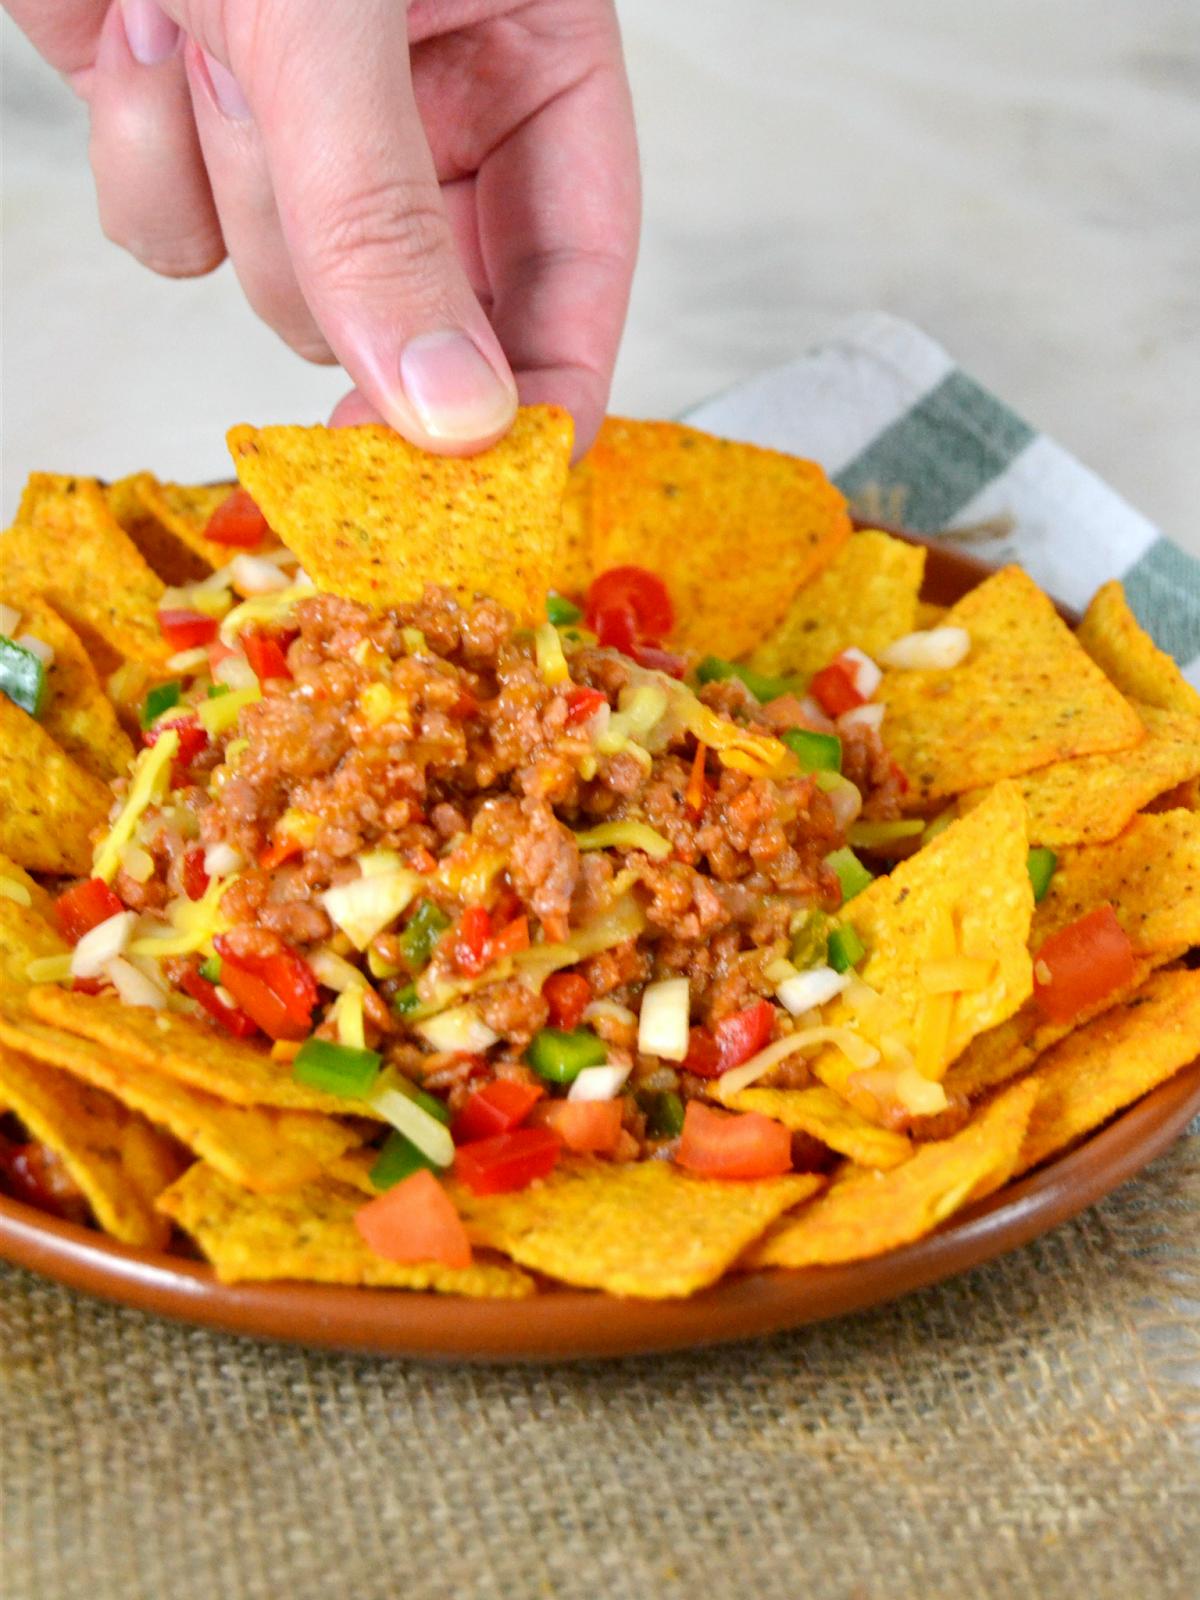 Nachos con carne. Receta fácil de cocina mexicana